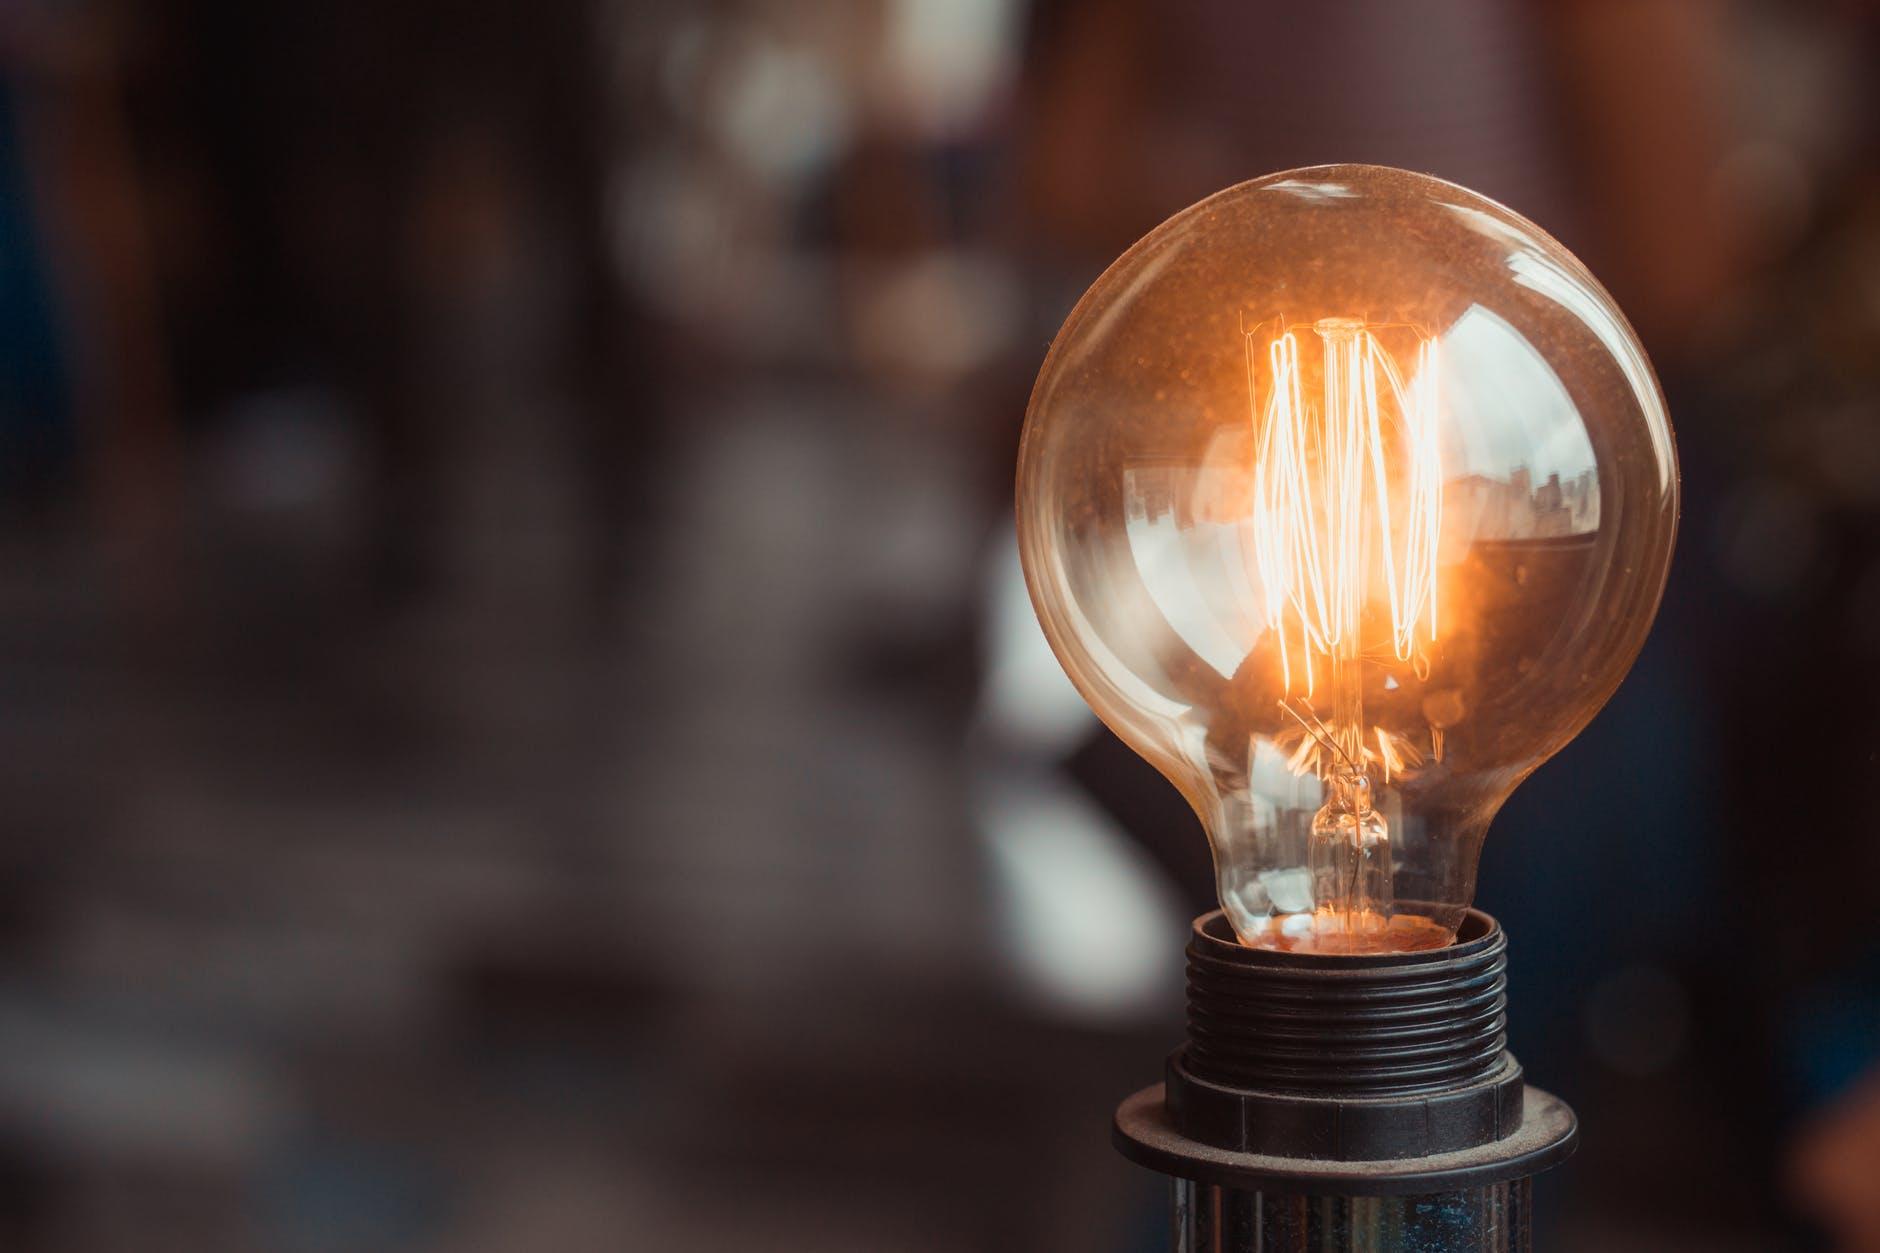 Jak wybrać oświetlenie LED - 3 pomysły na oryginalne produkty